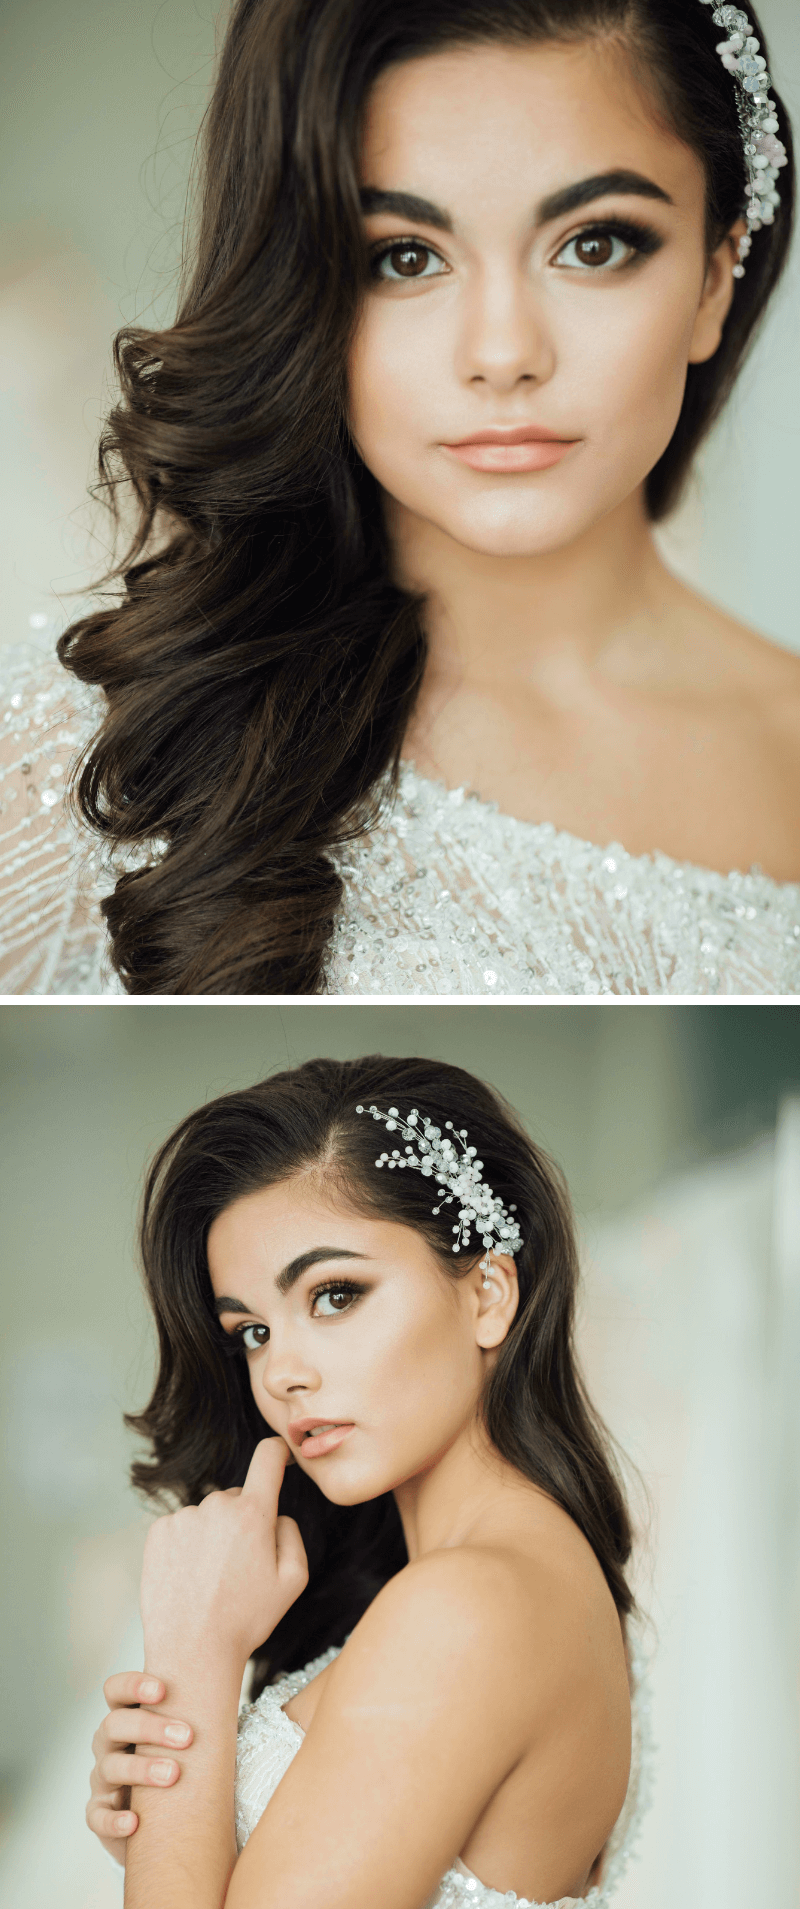 Brautfrisur Seitlich Ideen Hochzeitskiste 2 Hochzeitskiste